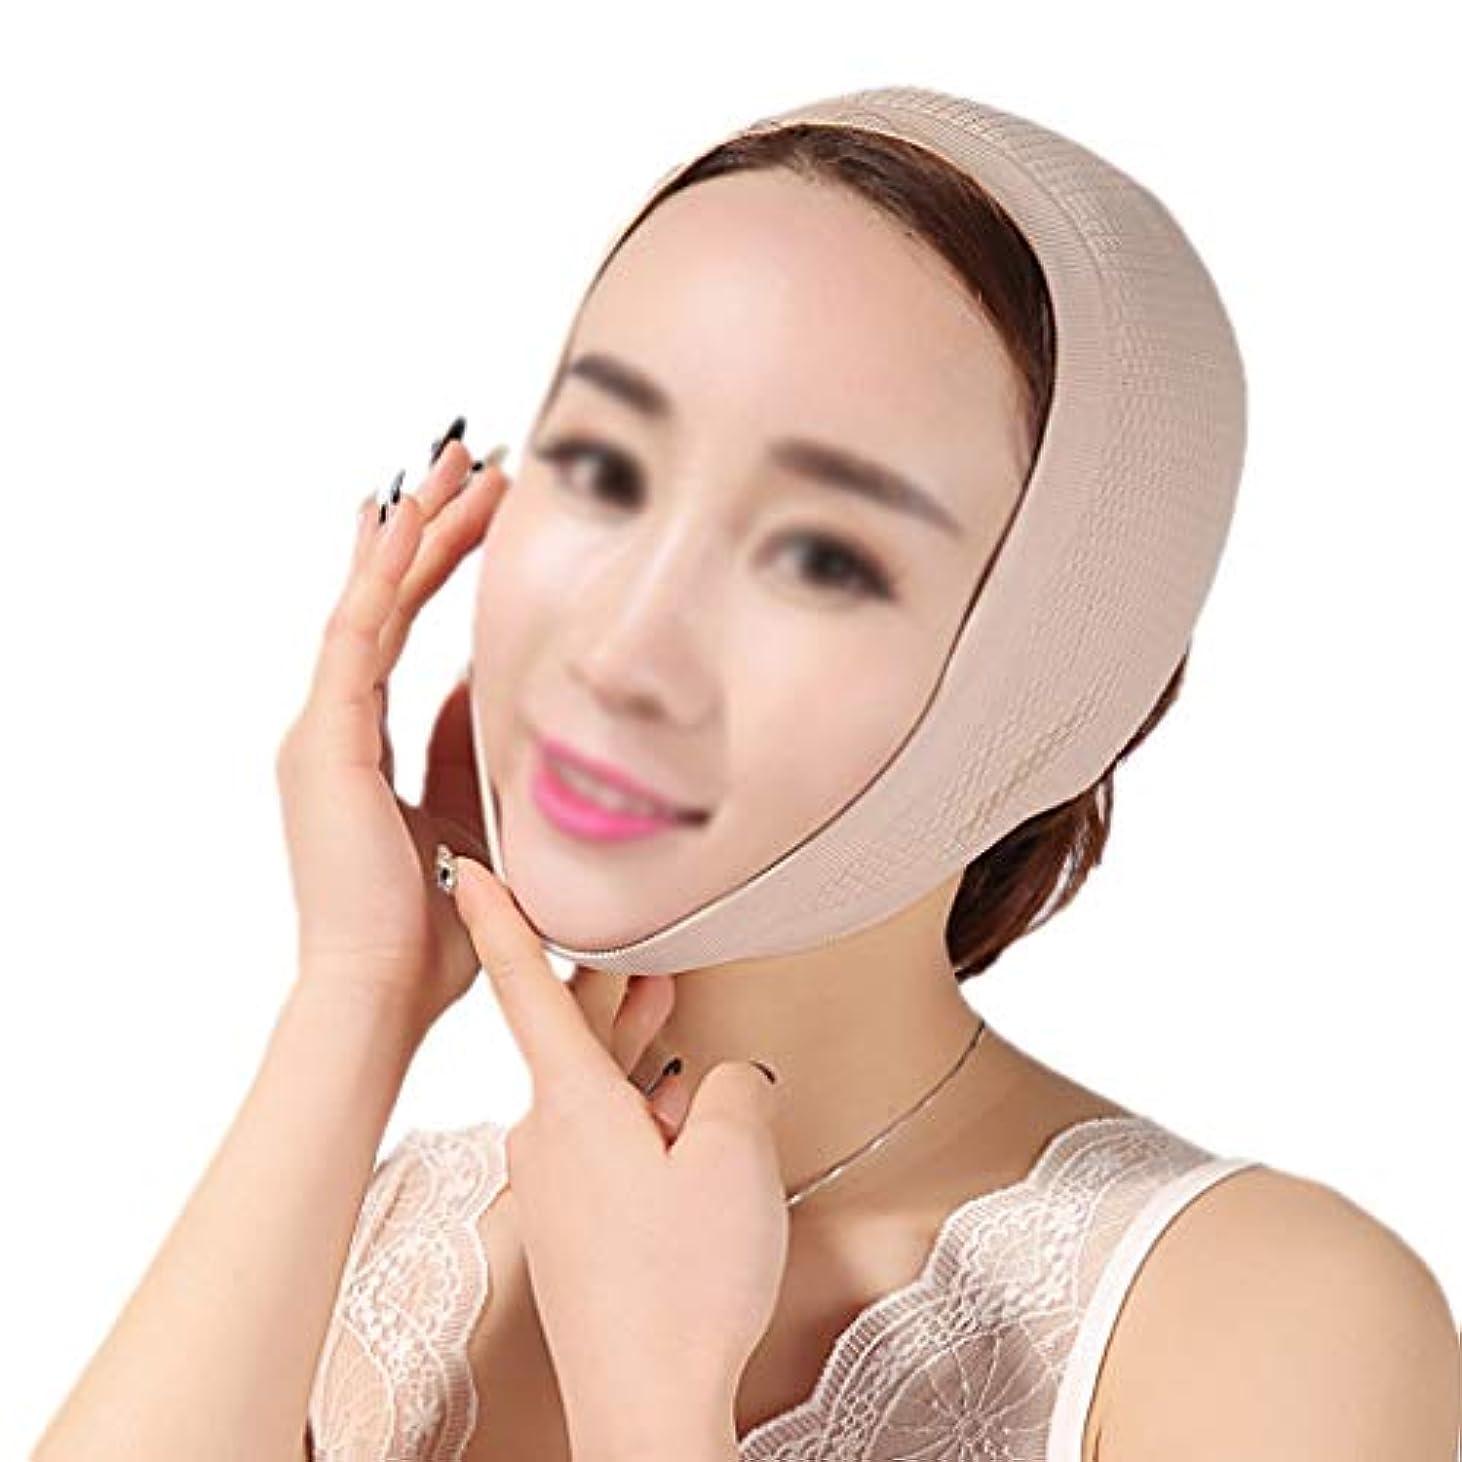 フェイスリフティングマスク、フェイスリフティング包帯、しわ防止マスク、フェイスリフティングベルト(ワンサイズ)